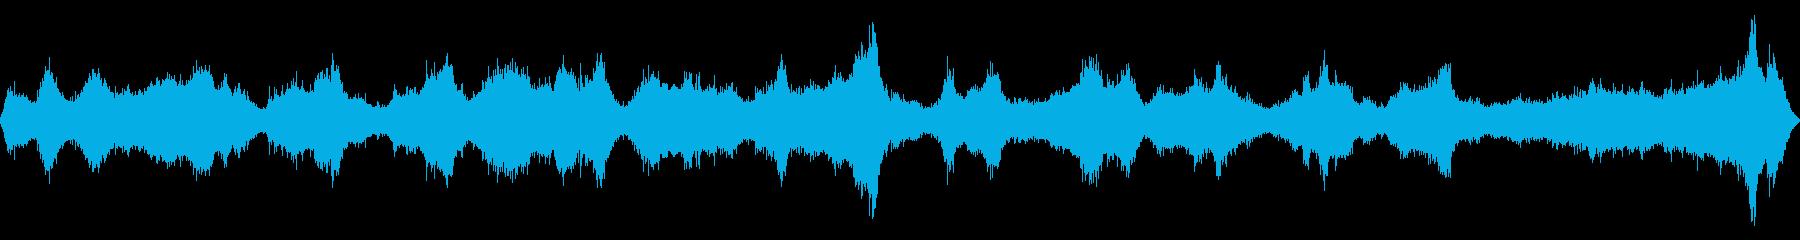 岩場付近の波音【大浜海岸、徳島、秋】の再生済みの波形